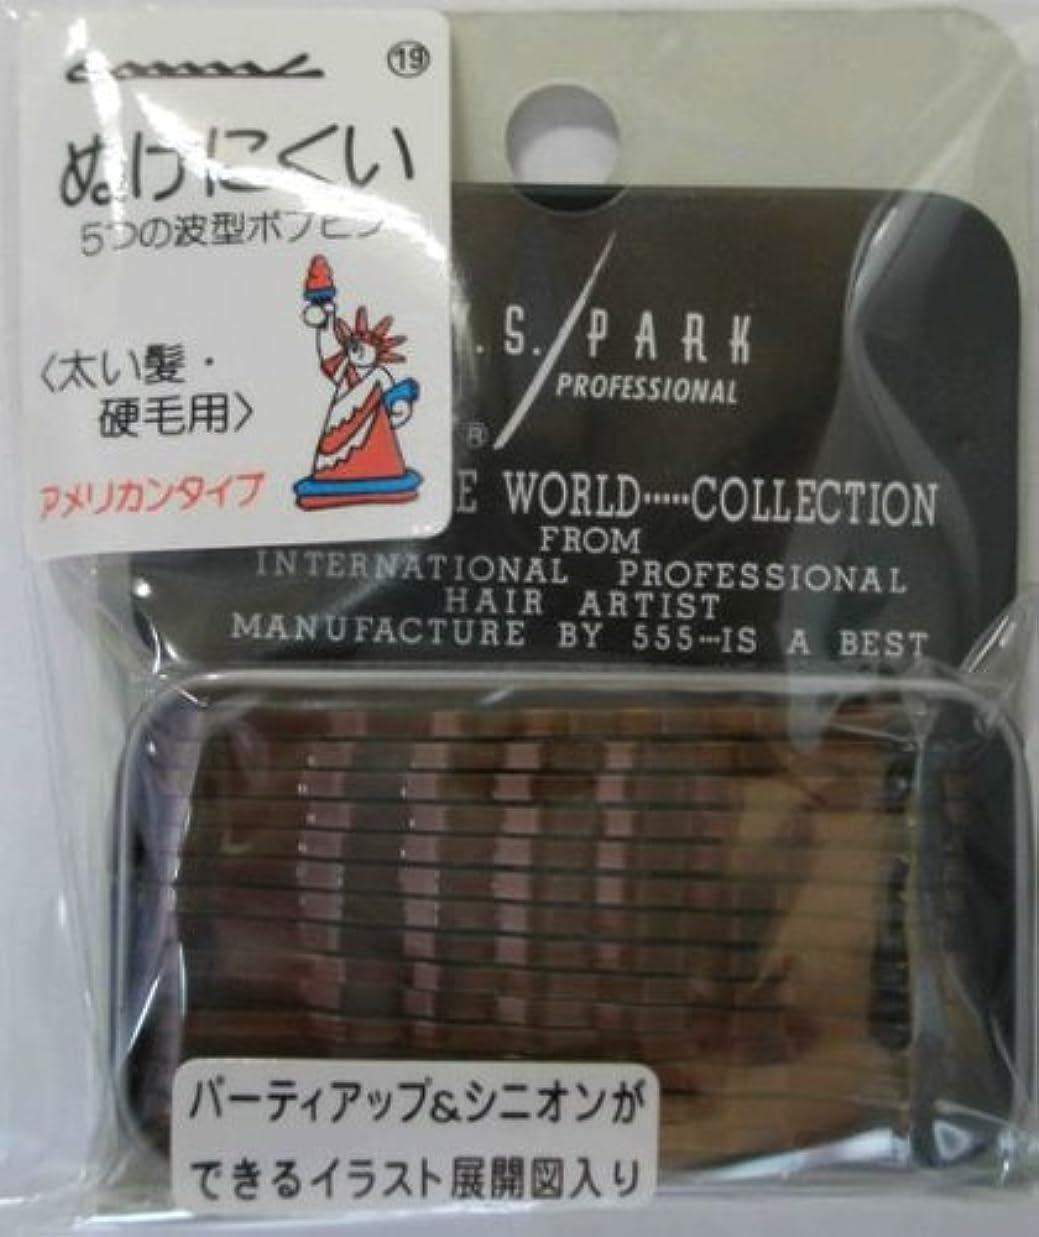 共和党区画適用するY.S.PARK世界のヘアピンコレクションNo.19(太い髪?硬毛用)アメリカンタイプ40P